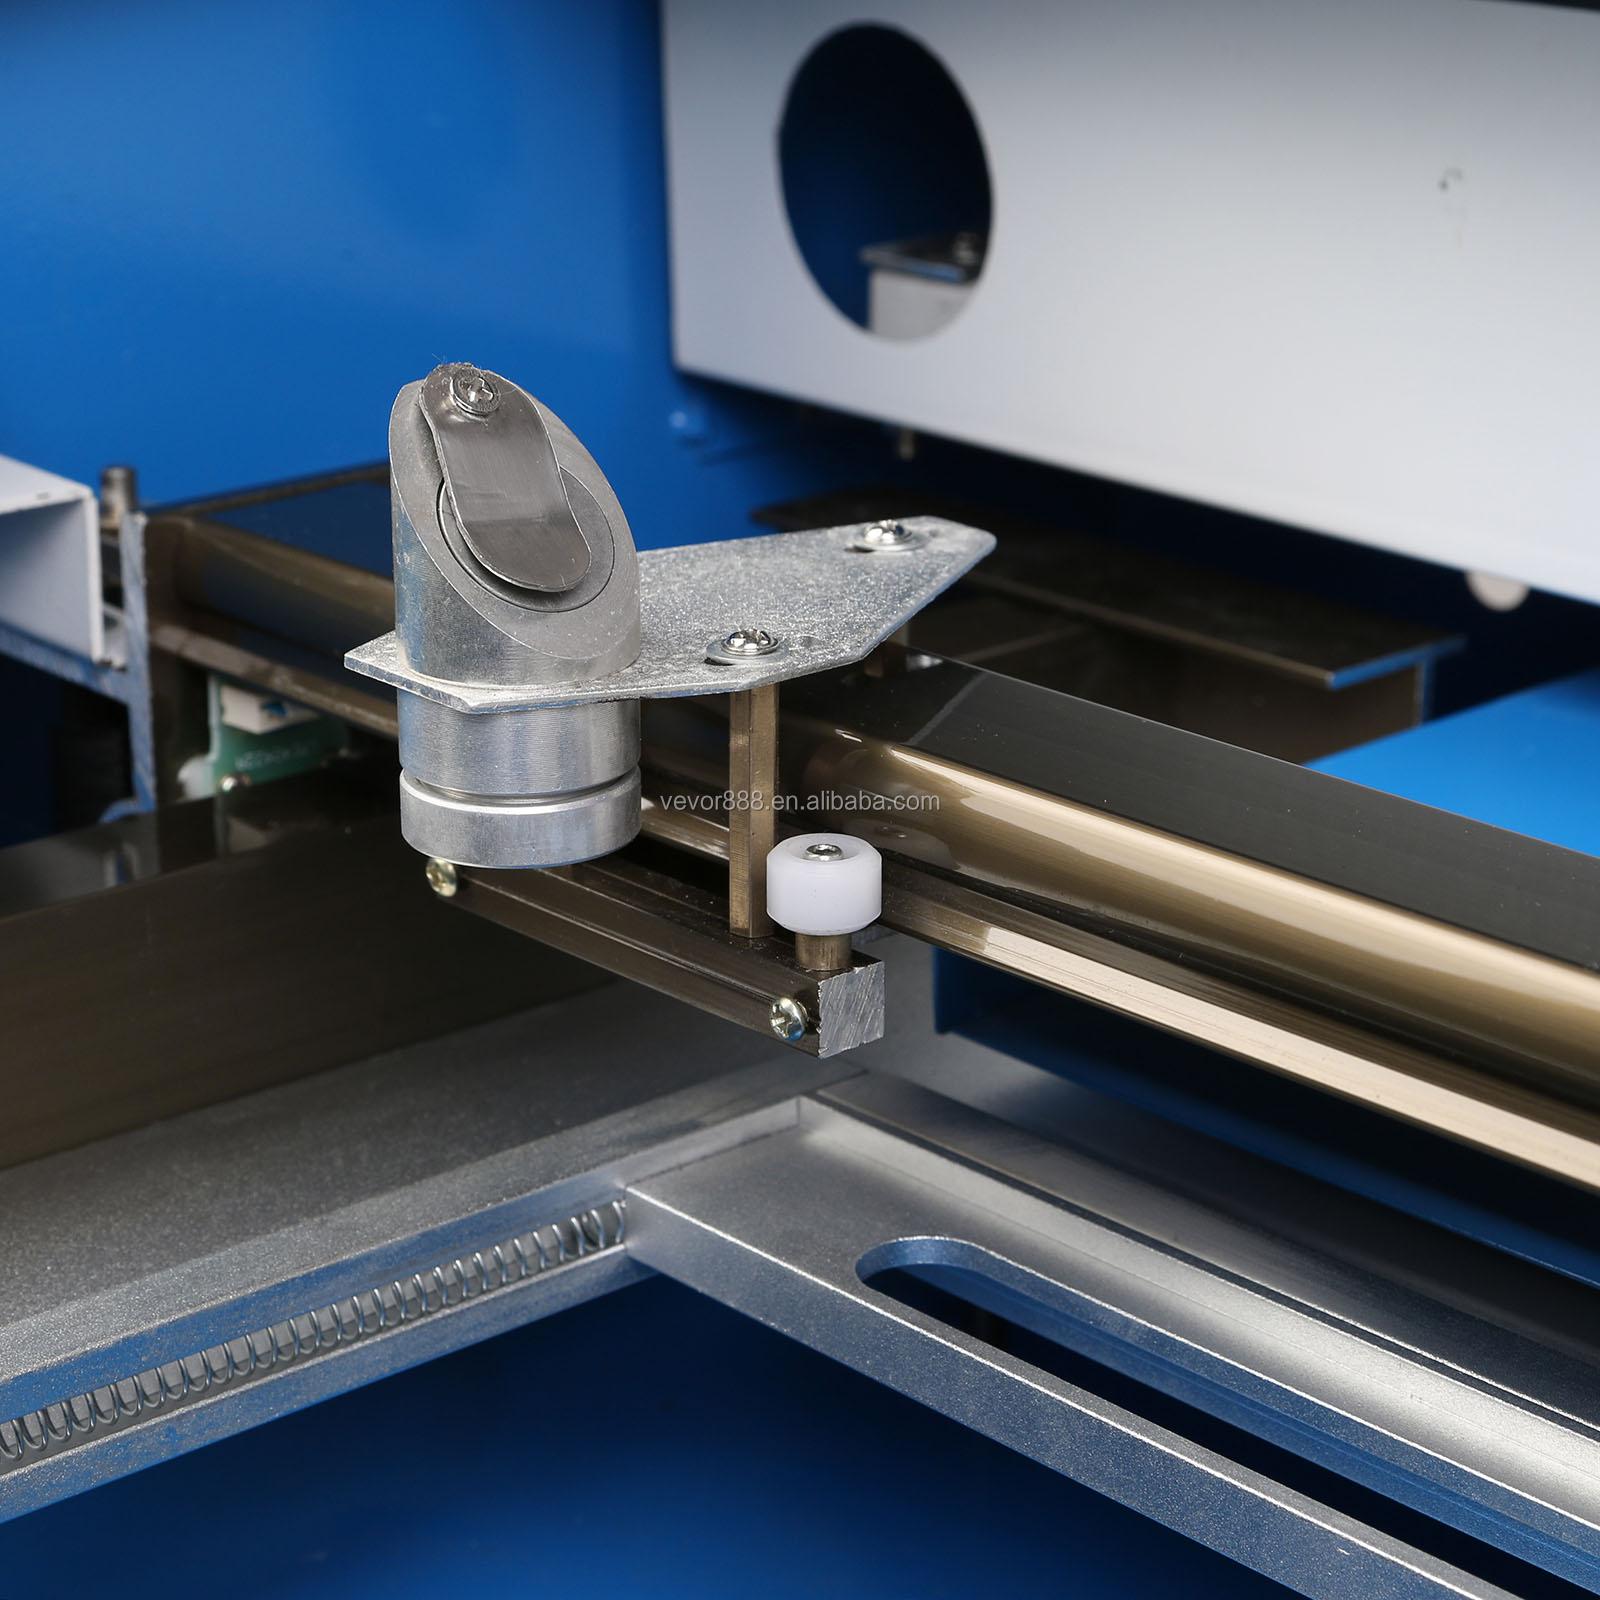 Обновленная высокоточная и высокая скорость третьего поколения CO2 лазерная d100-15.jpg